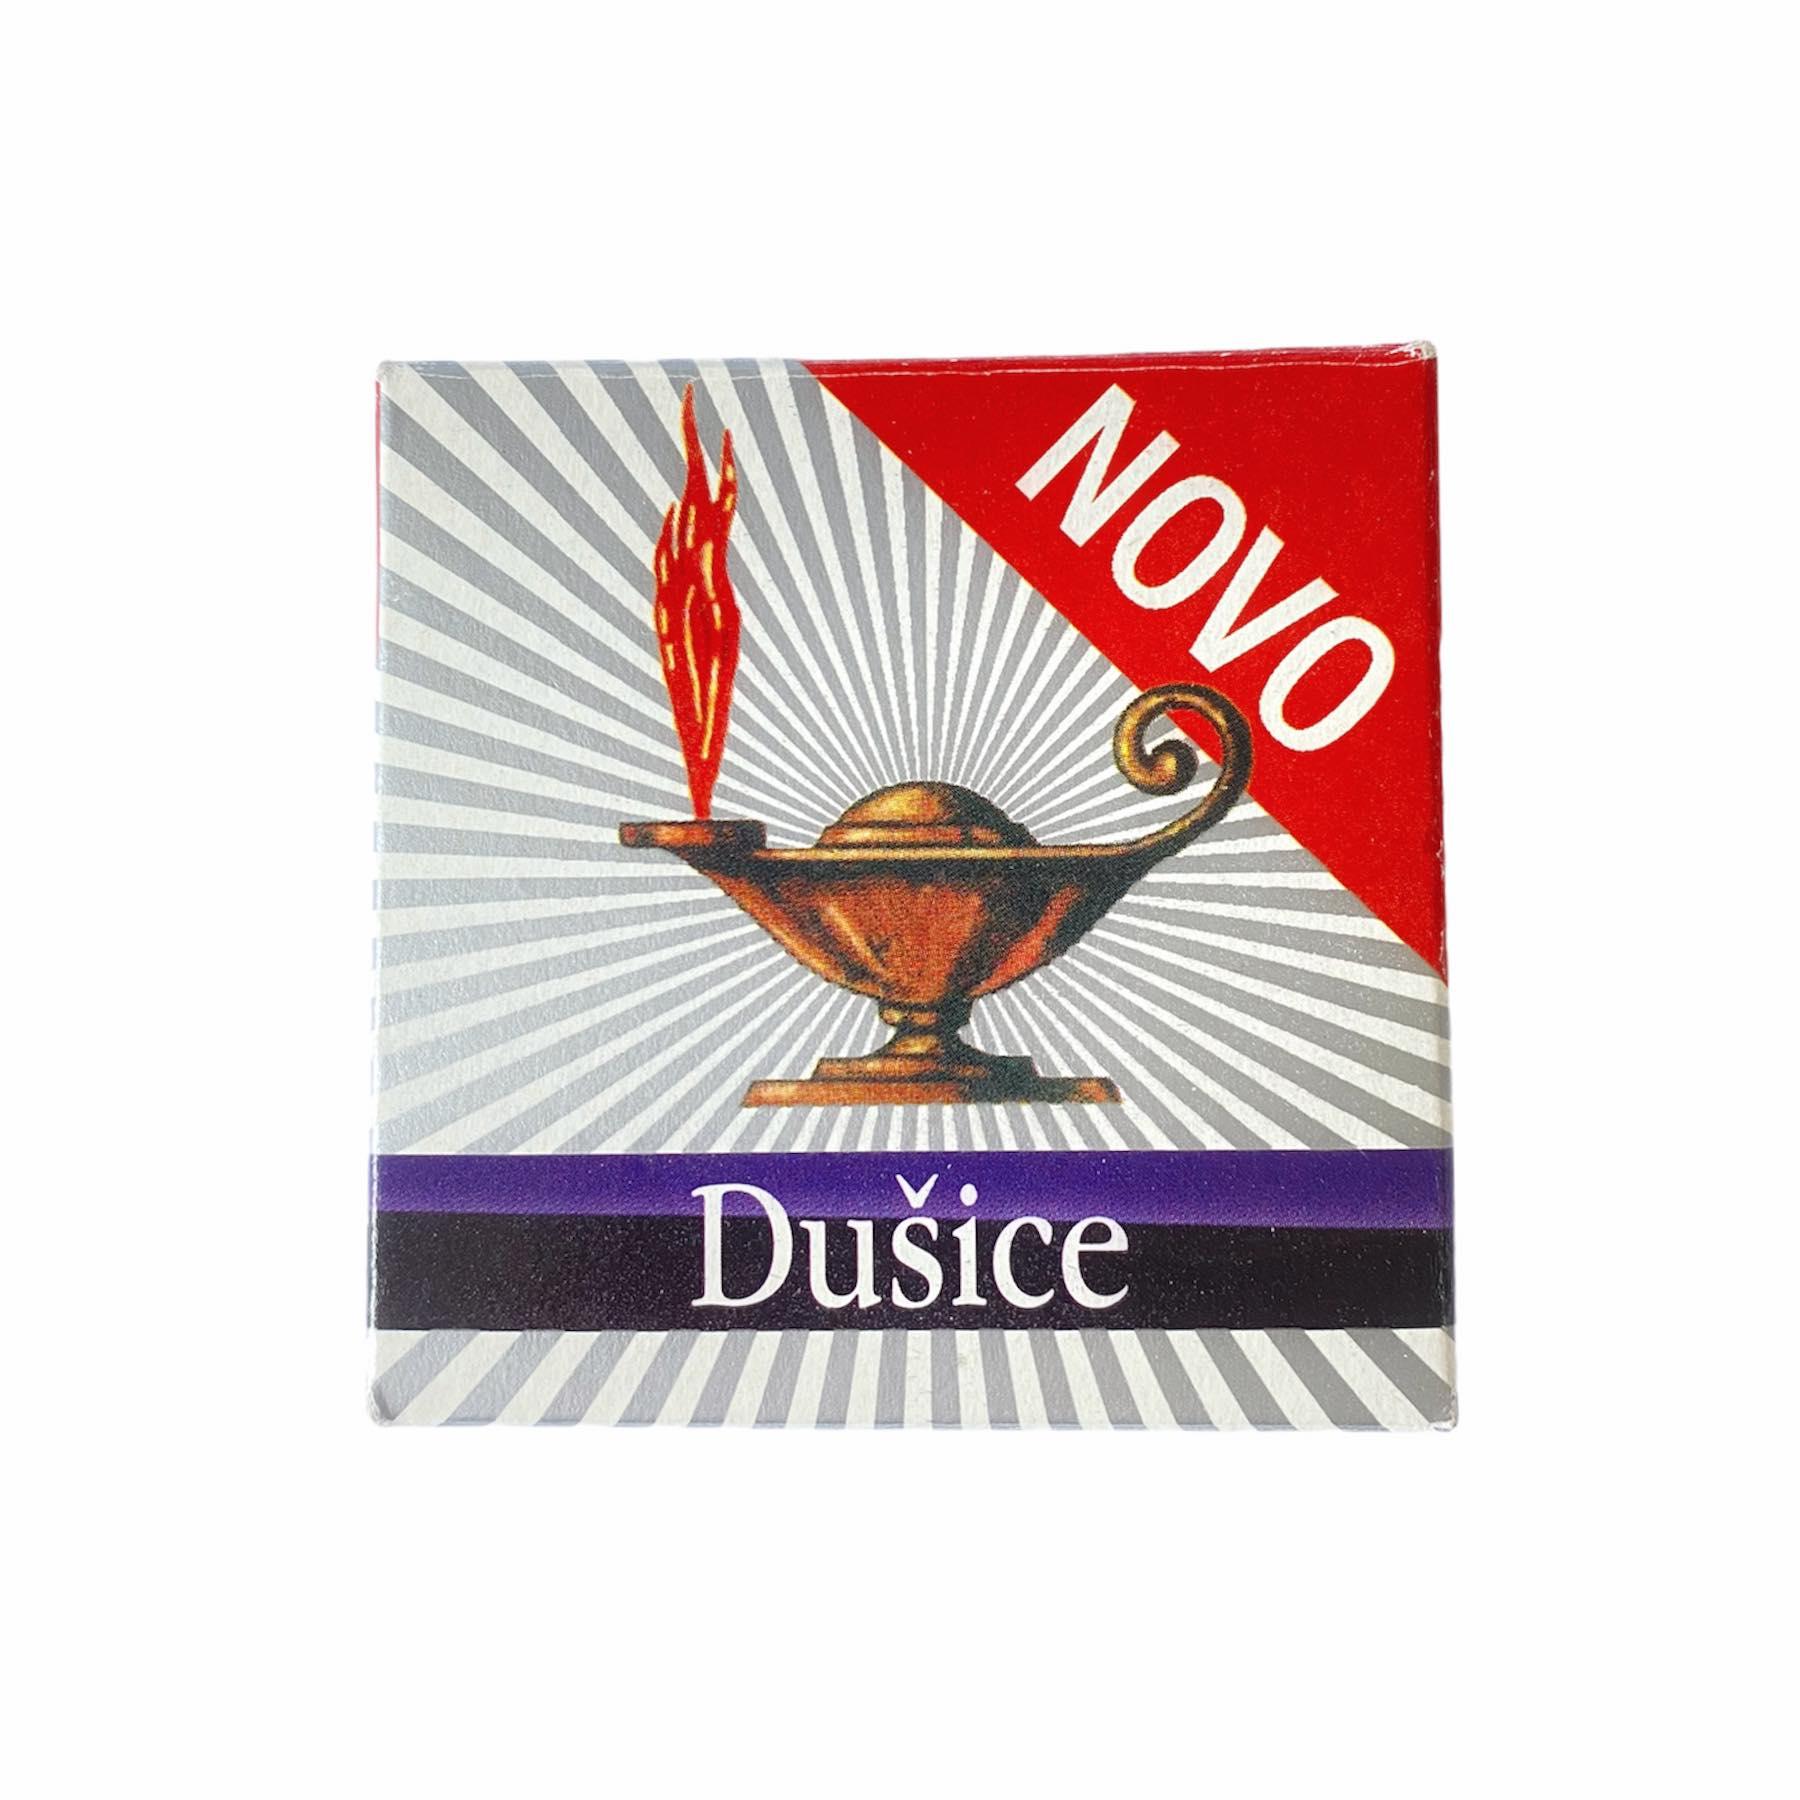 DuYice